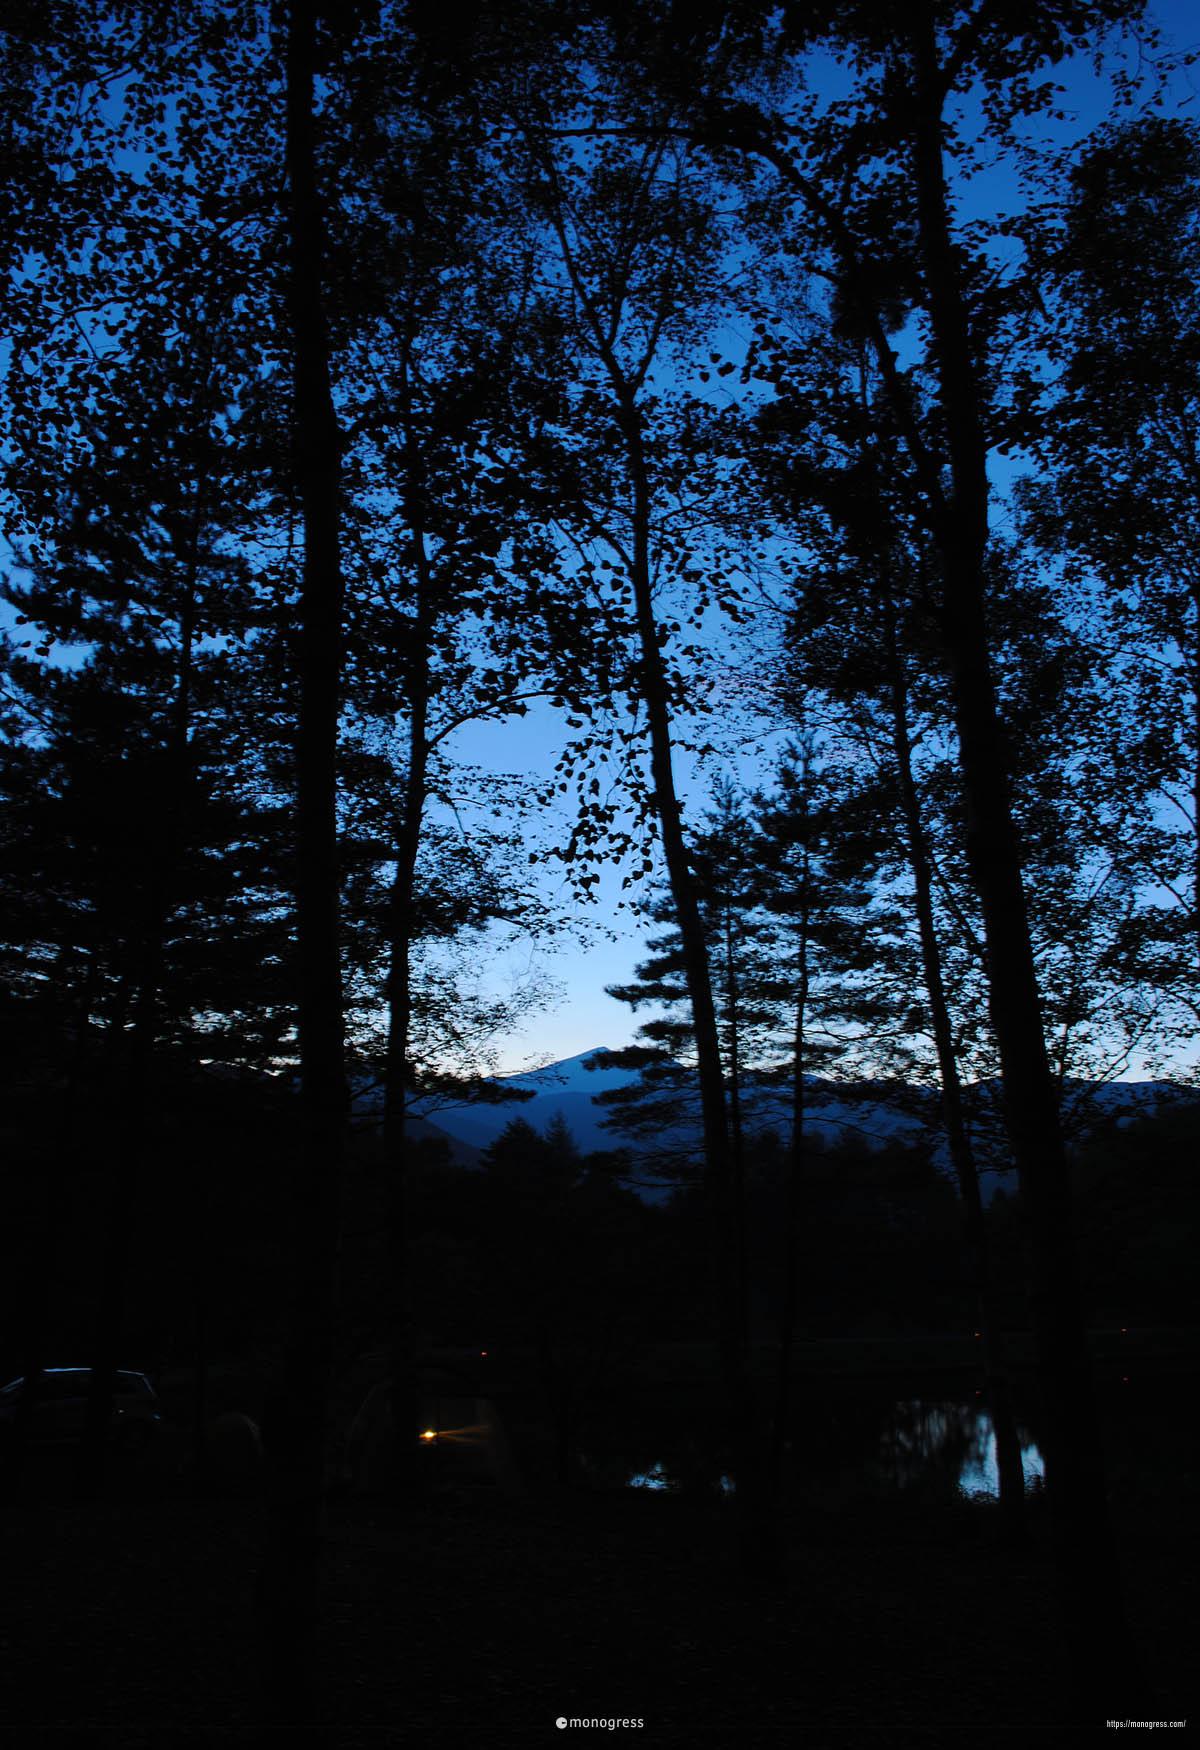 高ソメキャンプ場の夜